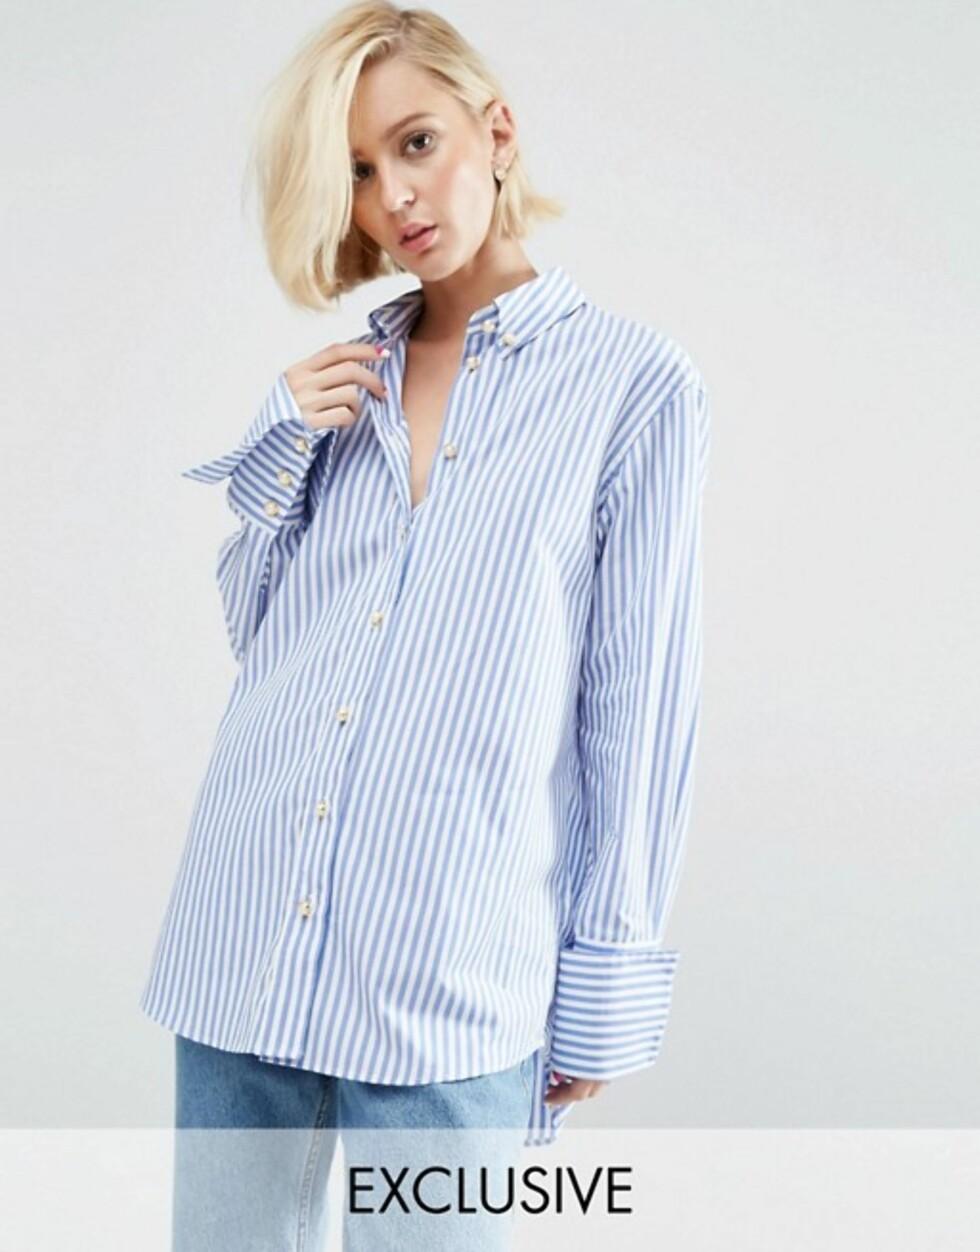 Skjorte med perledetaljer fra WAH London x Asos | kr 576 | http://ninjalink.com/s/xFh1fYGtPa